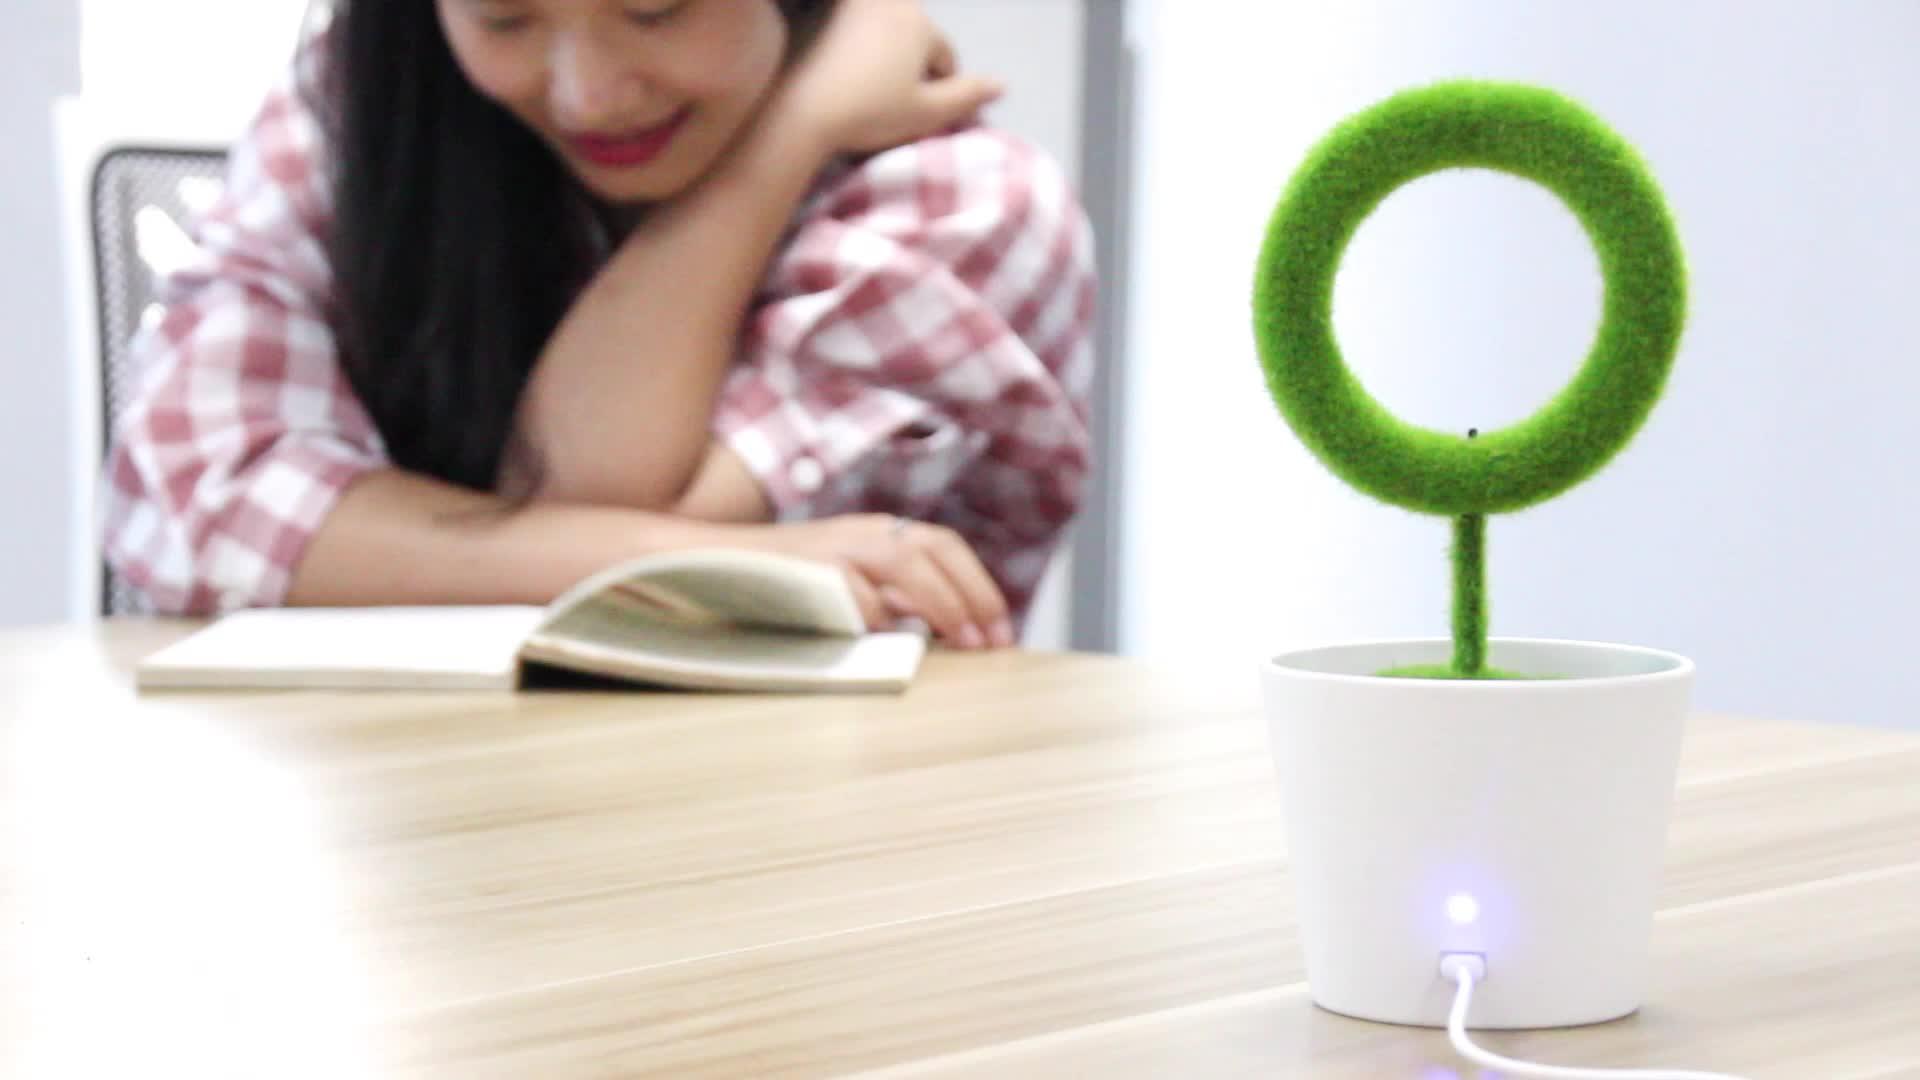 2019 ใหม่ล่าสุดนวัตกรรมอิเล็กทรอนิกส์ของขวัญส่งเสริมการขายรายการสำหรับ Home, Office และเดสก์ท็อป (Plant Air Ionizer JO-732)